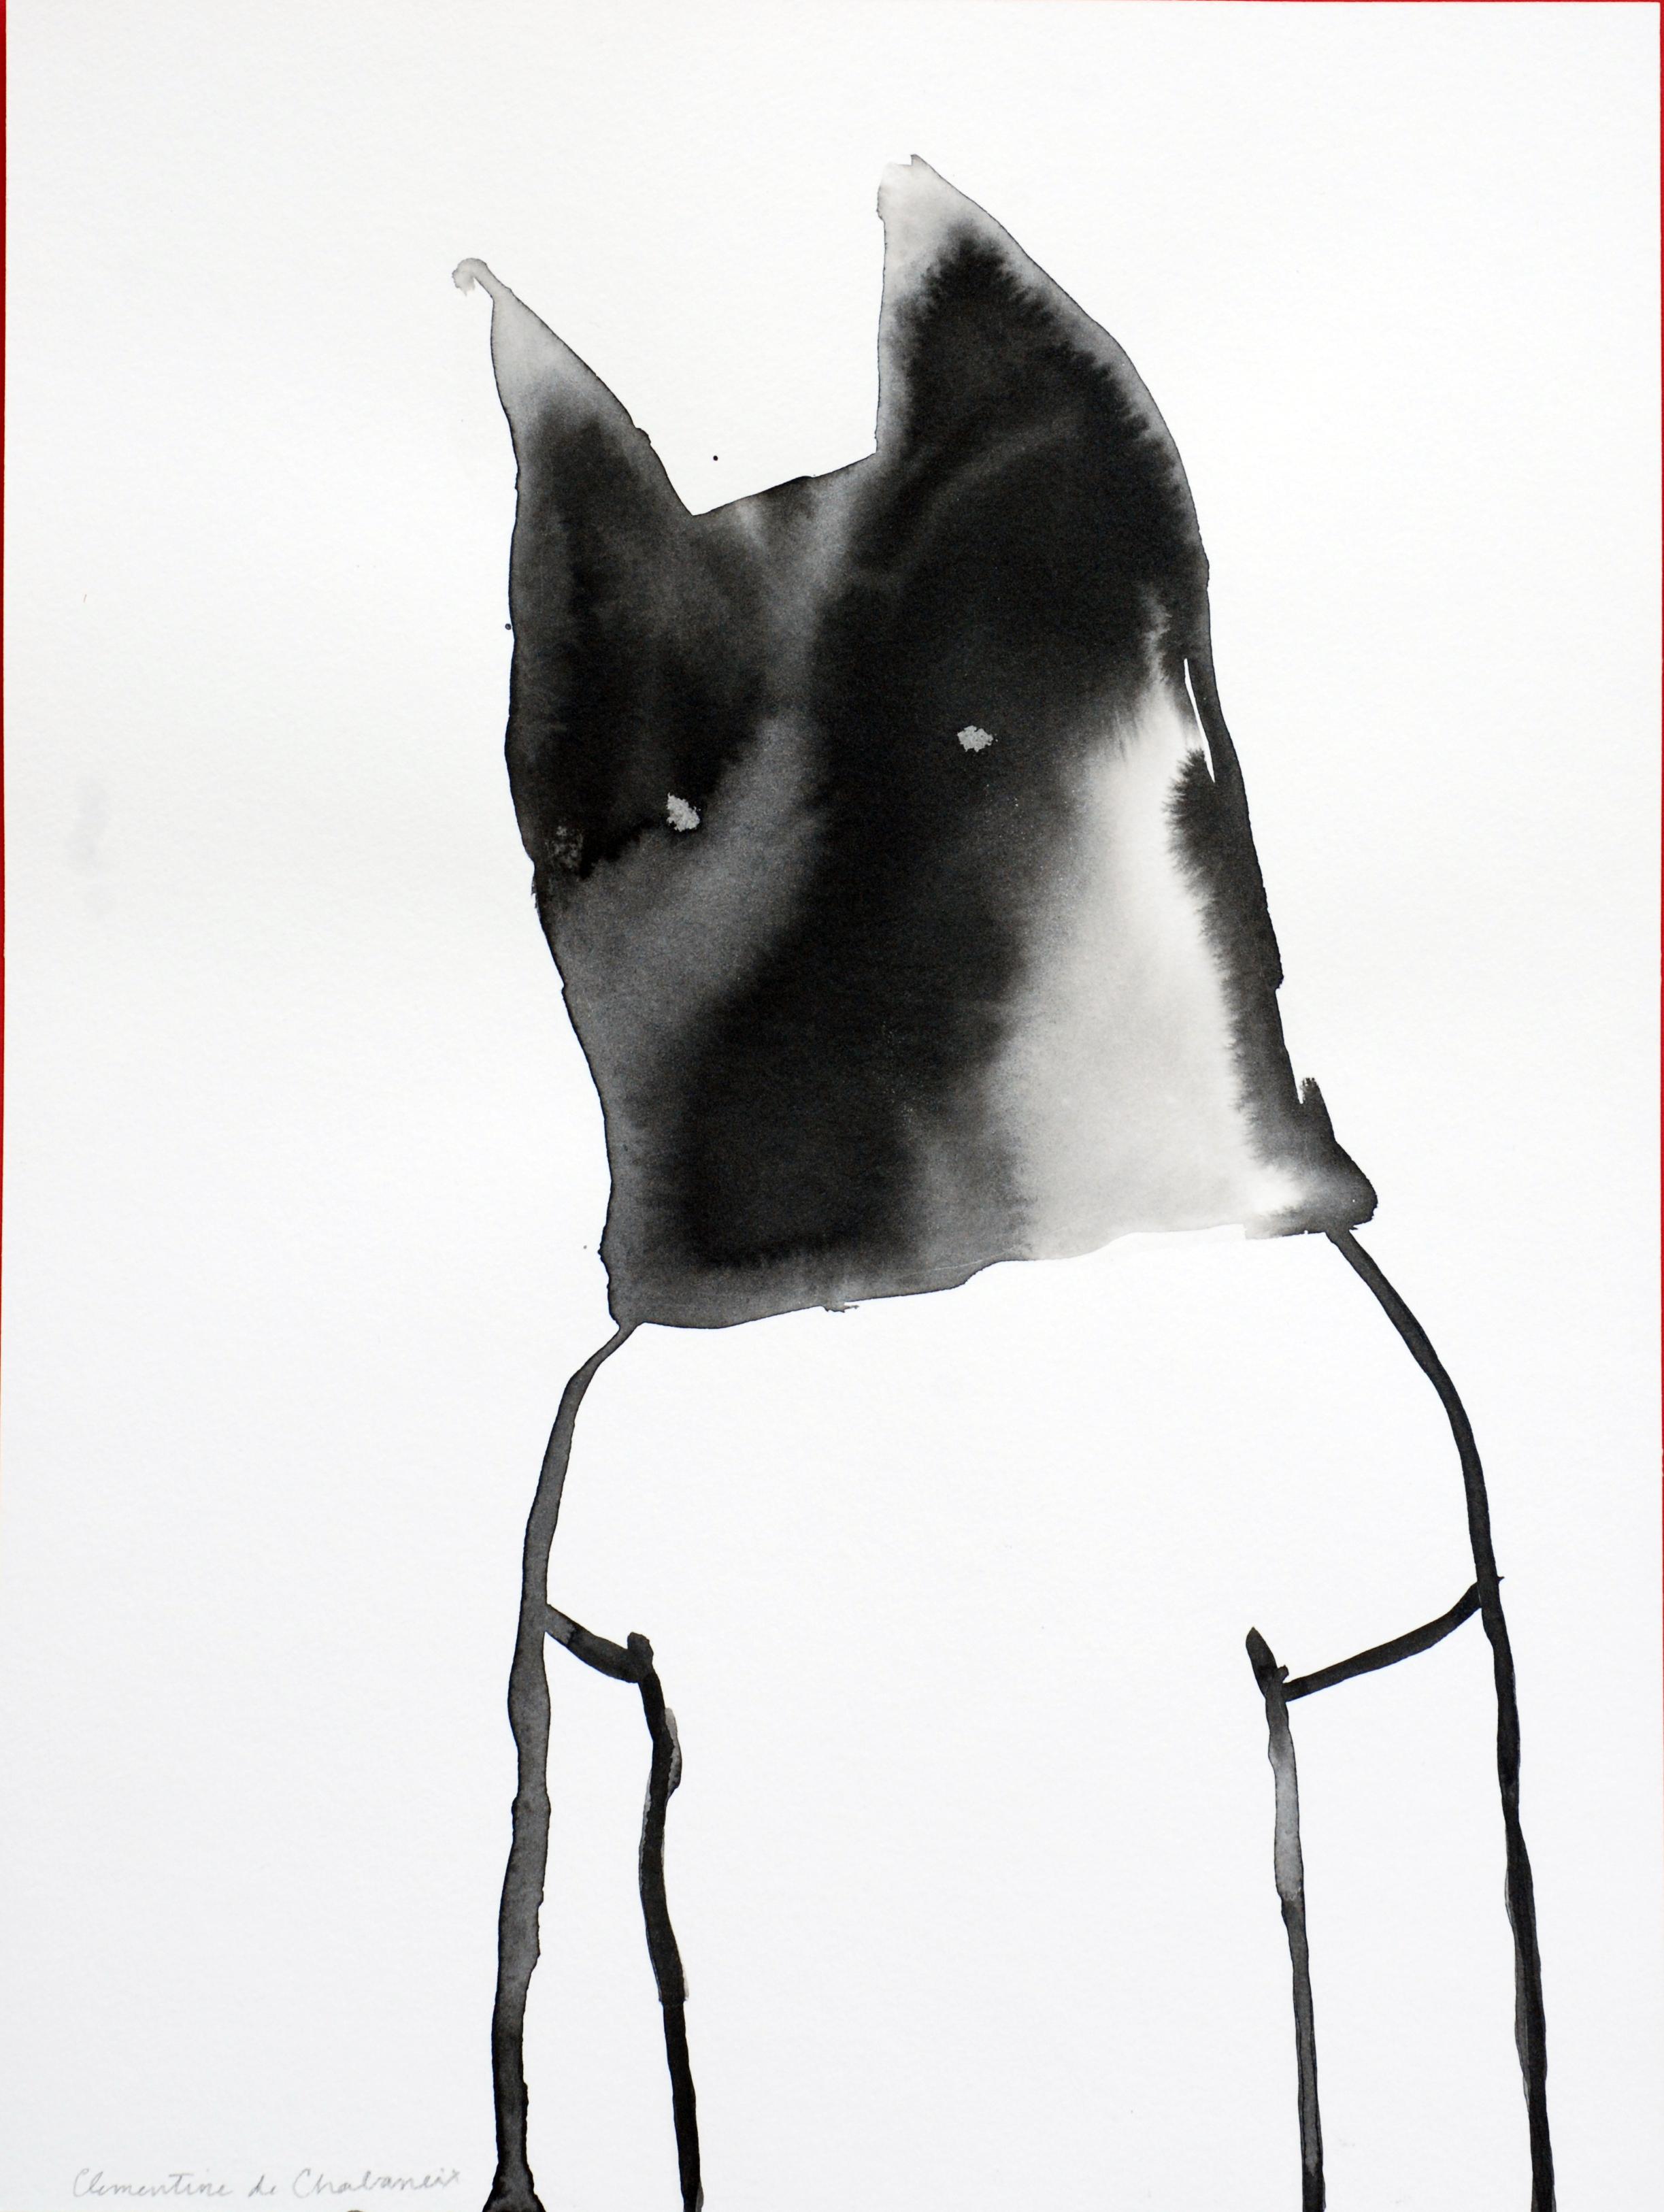 Es handelt sich um ein Bild der Künstlerin Clémentine de Chabaneix, auf dem ein Mädchen zu sehen, das eine schwarze Maske mit Katzenohren über dem Kopf trägt.